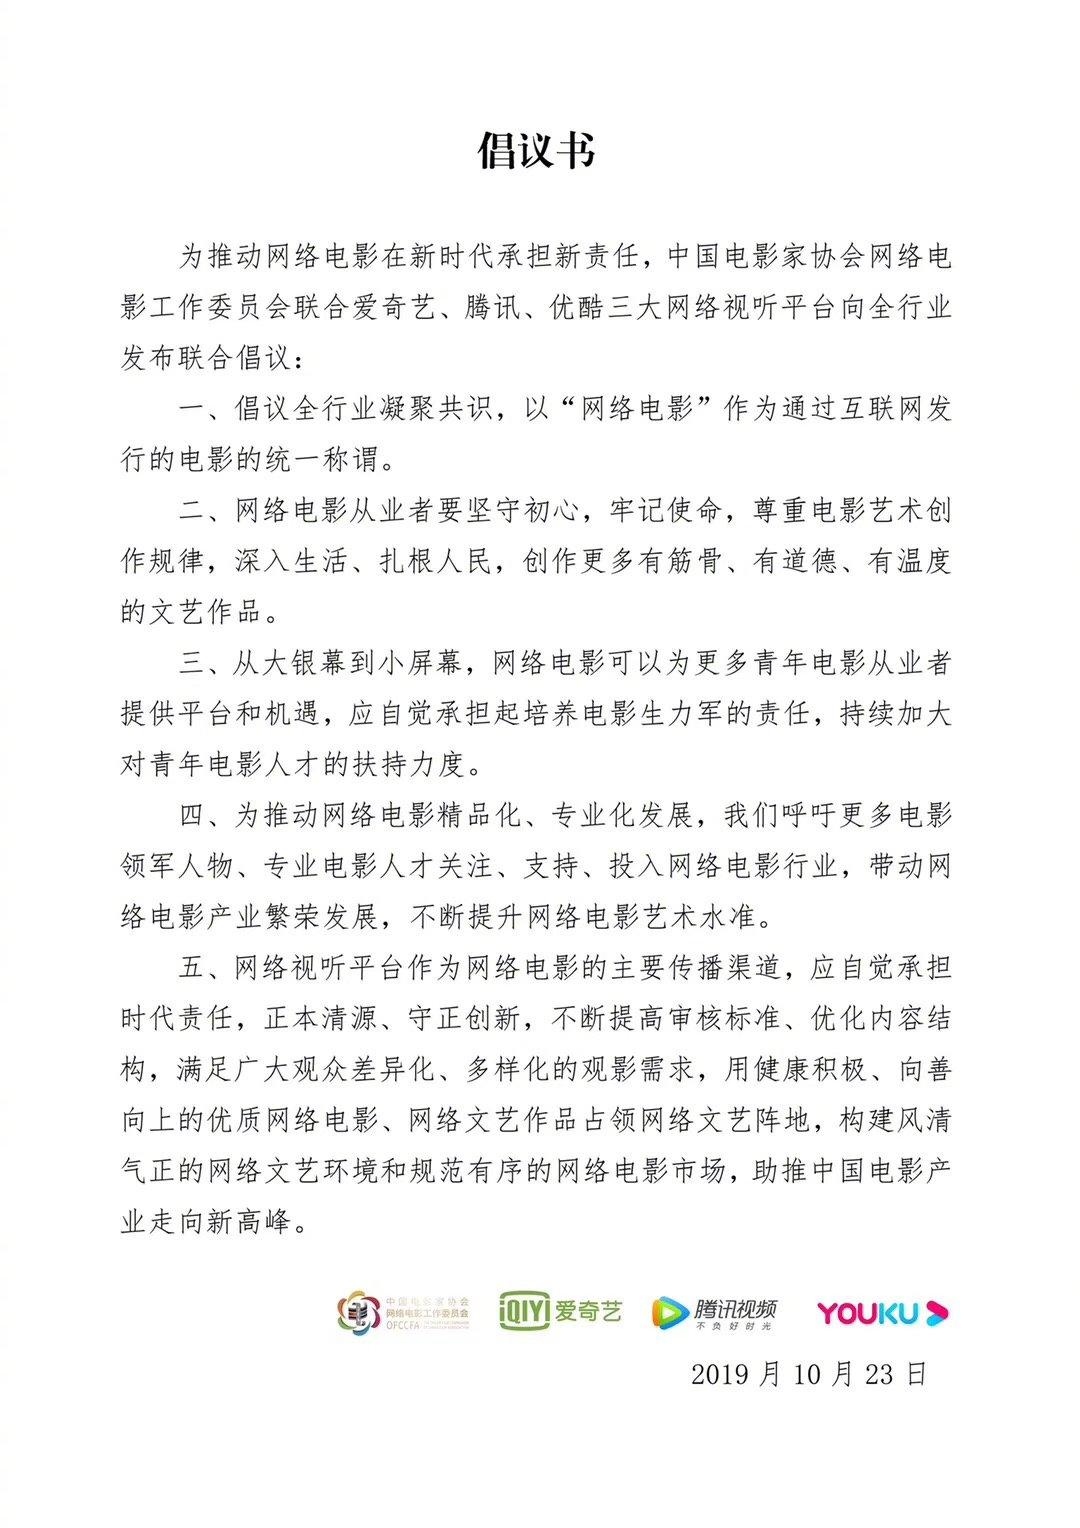 凤凰娱乐华晨宇-国内生产海外销售,2万个假lv包、涉案上亿元专坑中国买家,你的海淘靠谱吗?